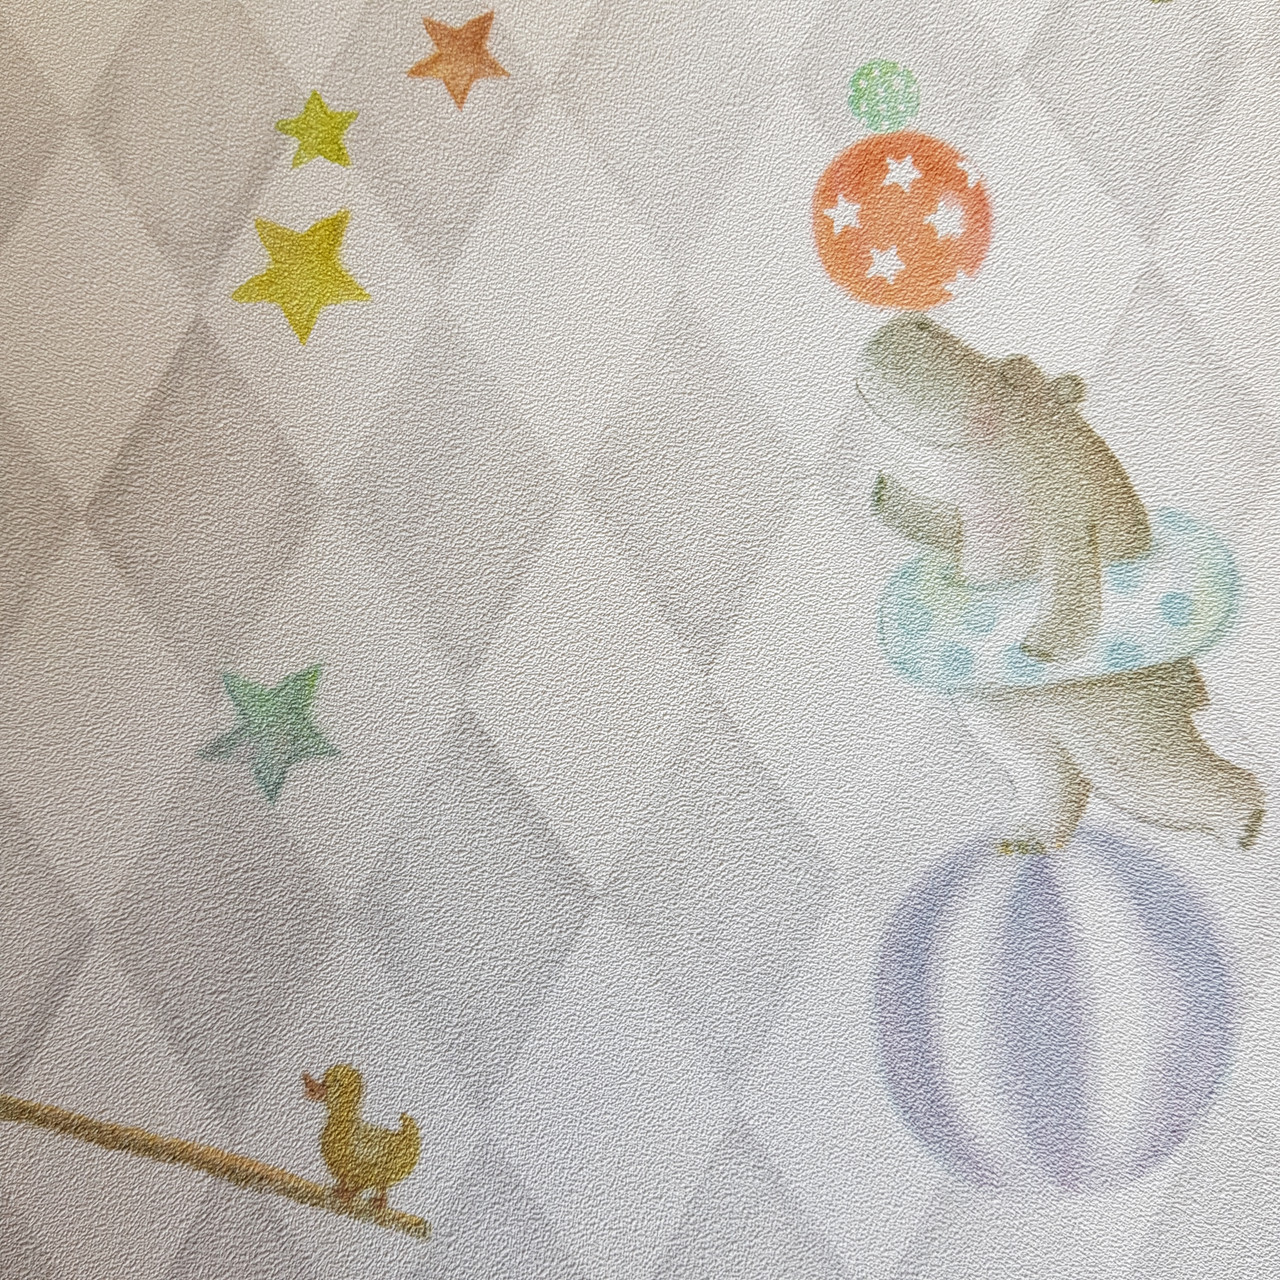 Обои детские флизелиновые  BN Doodleedo 0,53 x 10 м цирк животные слоны птицы воздушные шары звезды серо белые